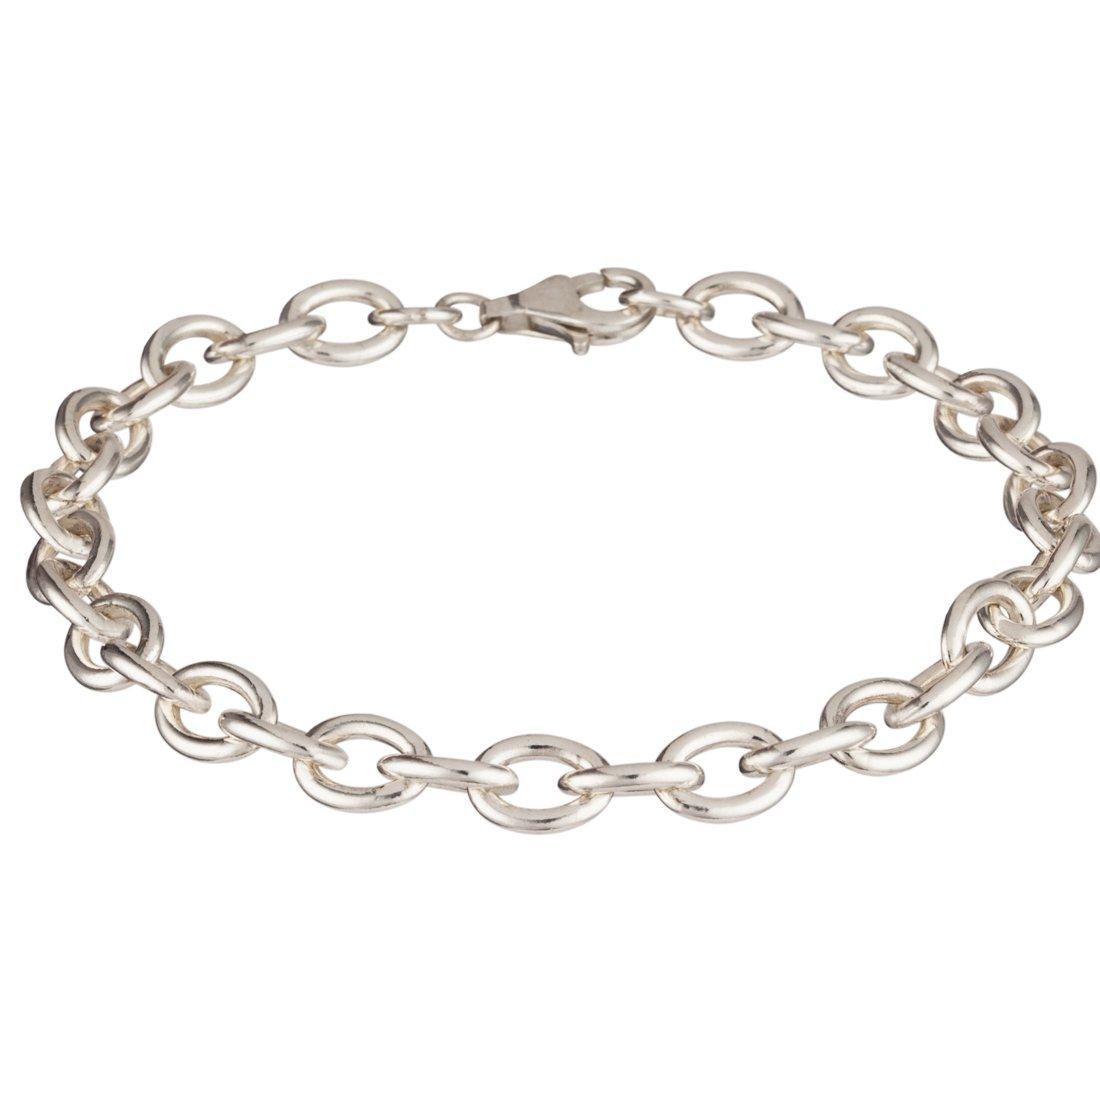 b0f29225b434e Silverly Men's .925 Sterling Silver Rolo 7.5 mm Link Chain Belcher ...